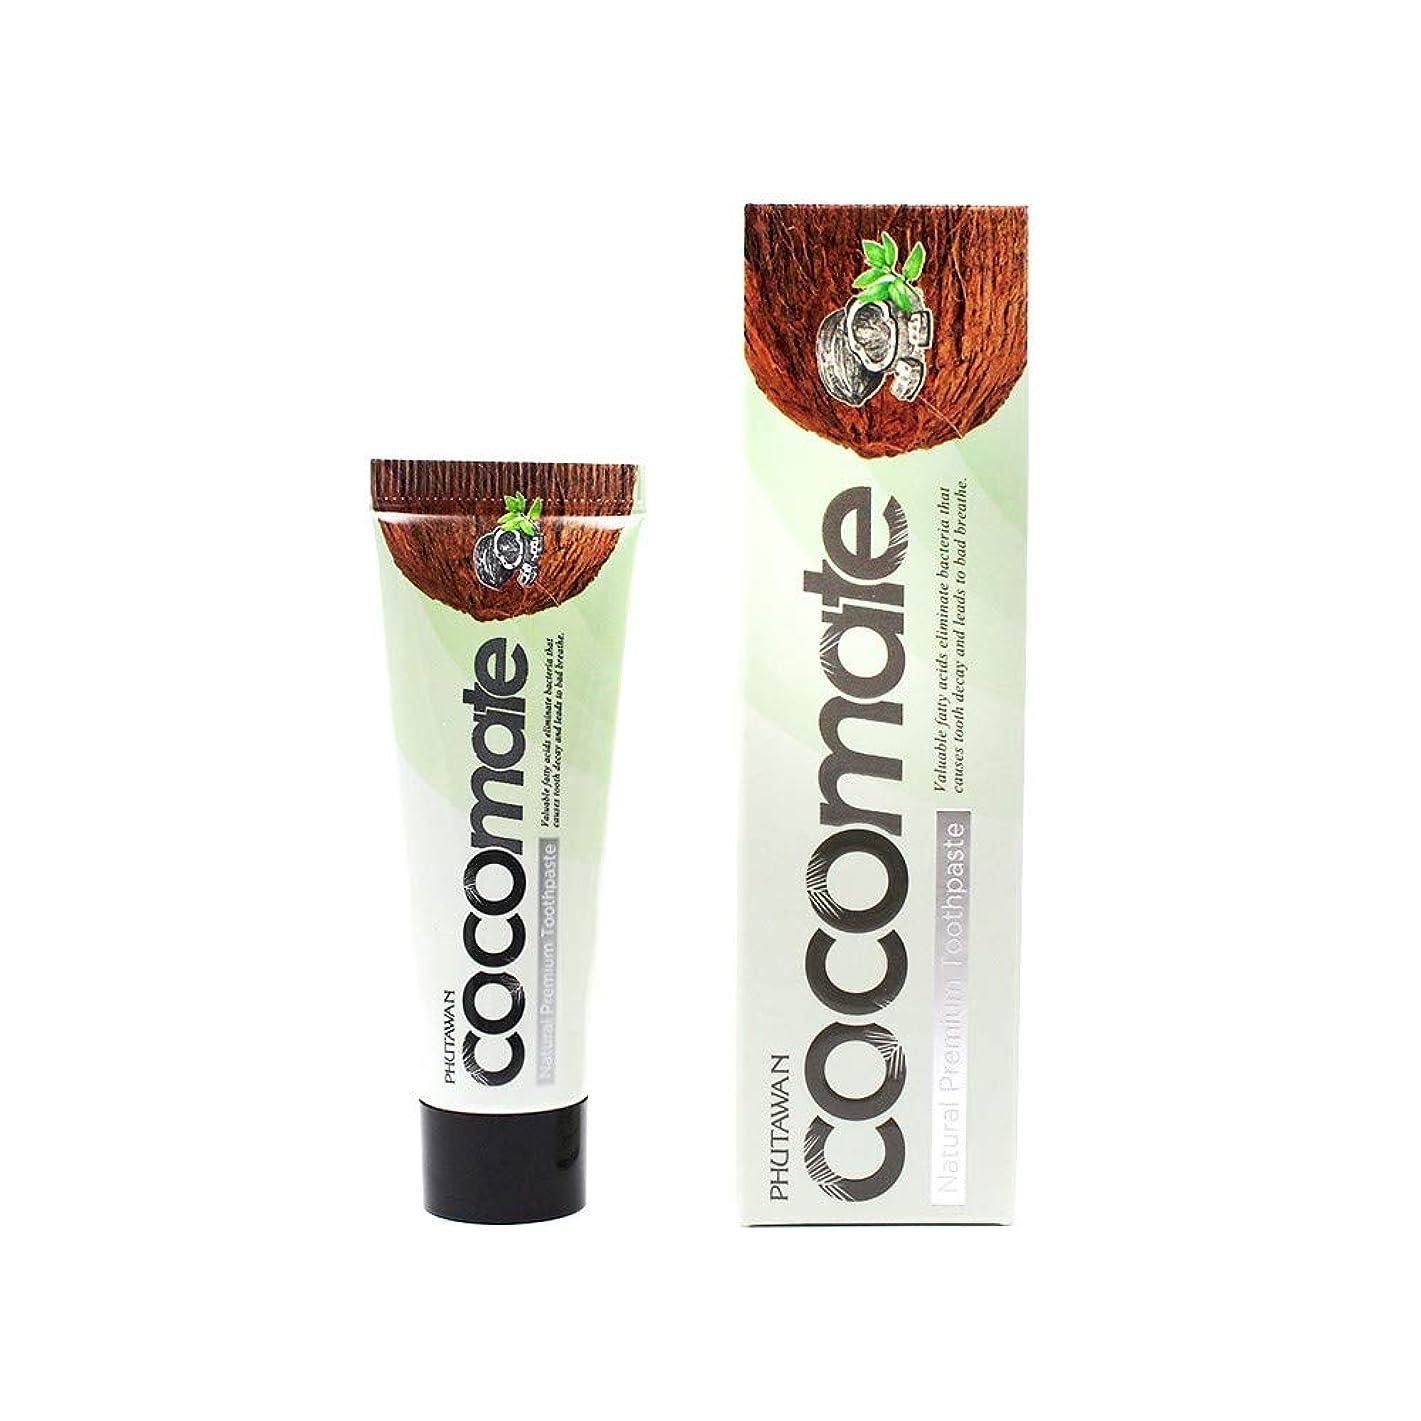 振る舞い割合に話す歯磨き粉 Cocomate Natural Premium Toothpaste